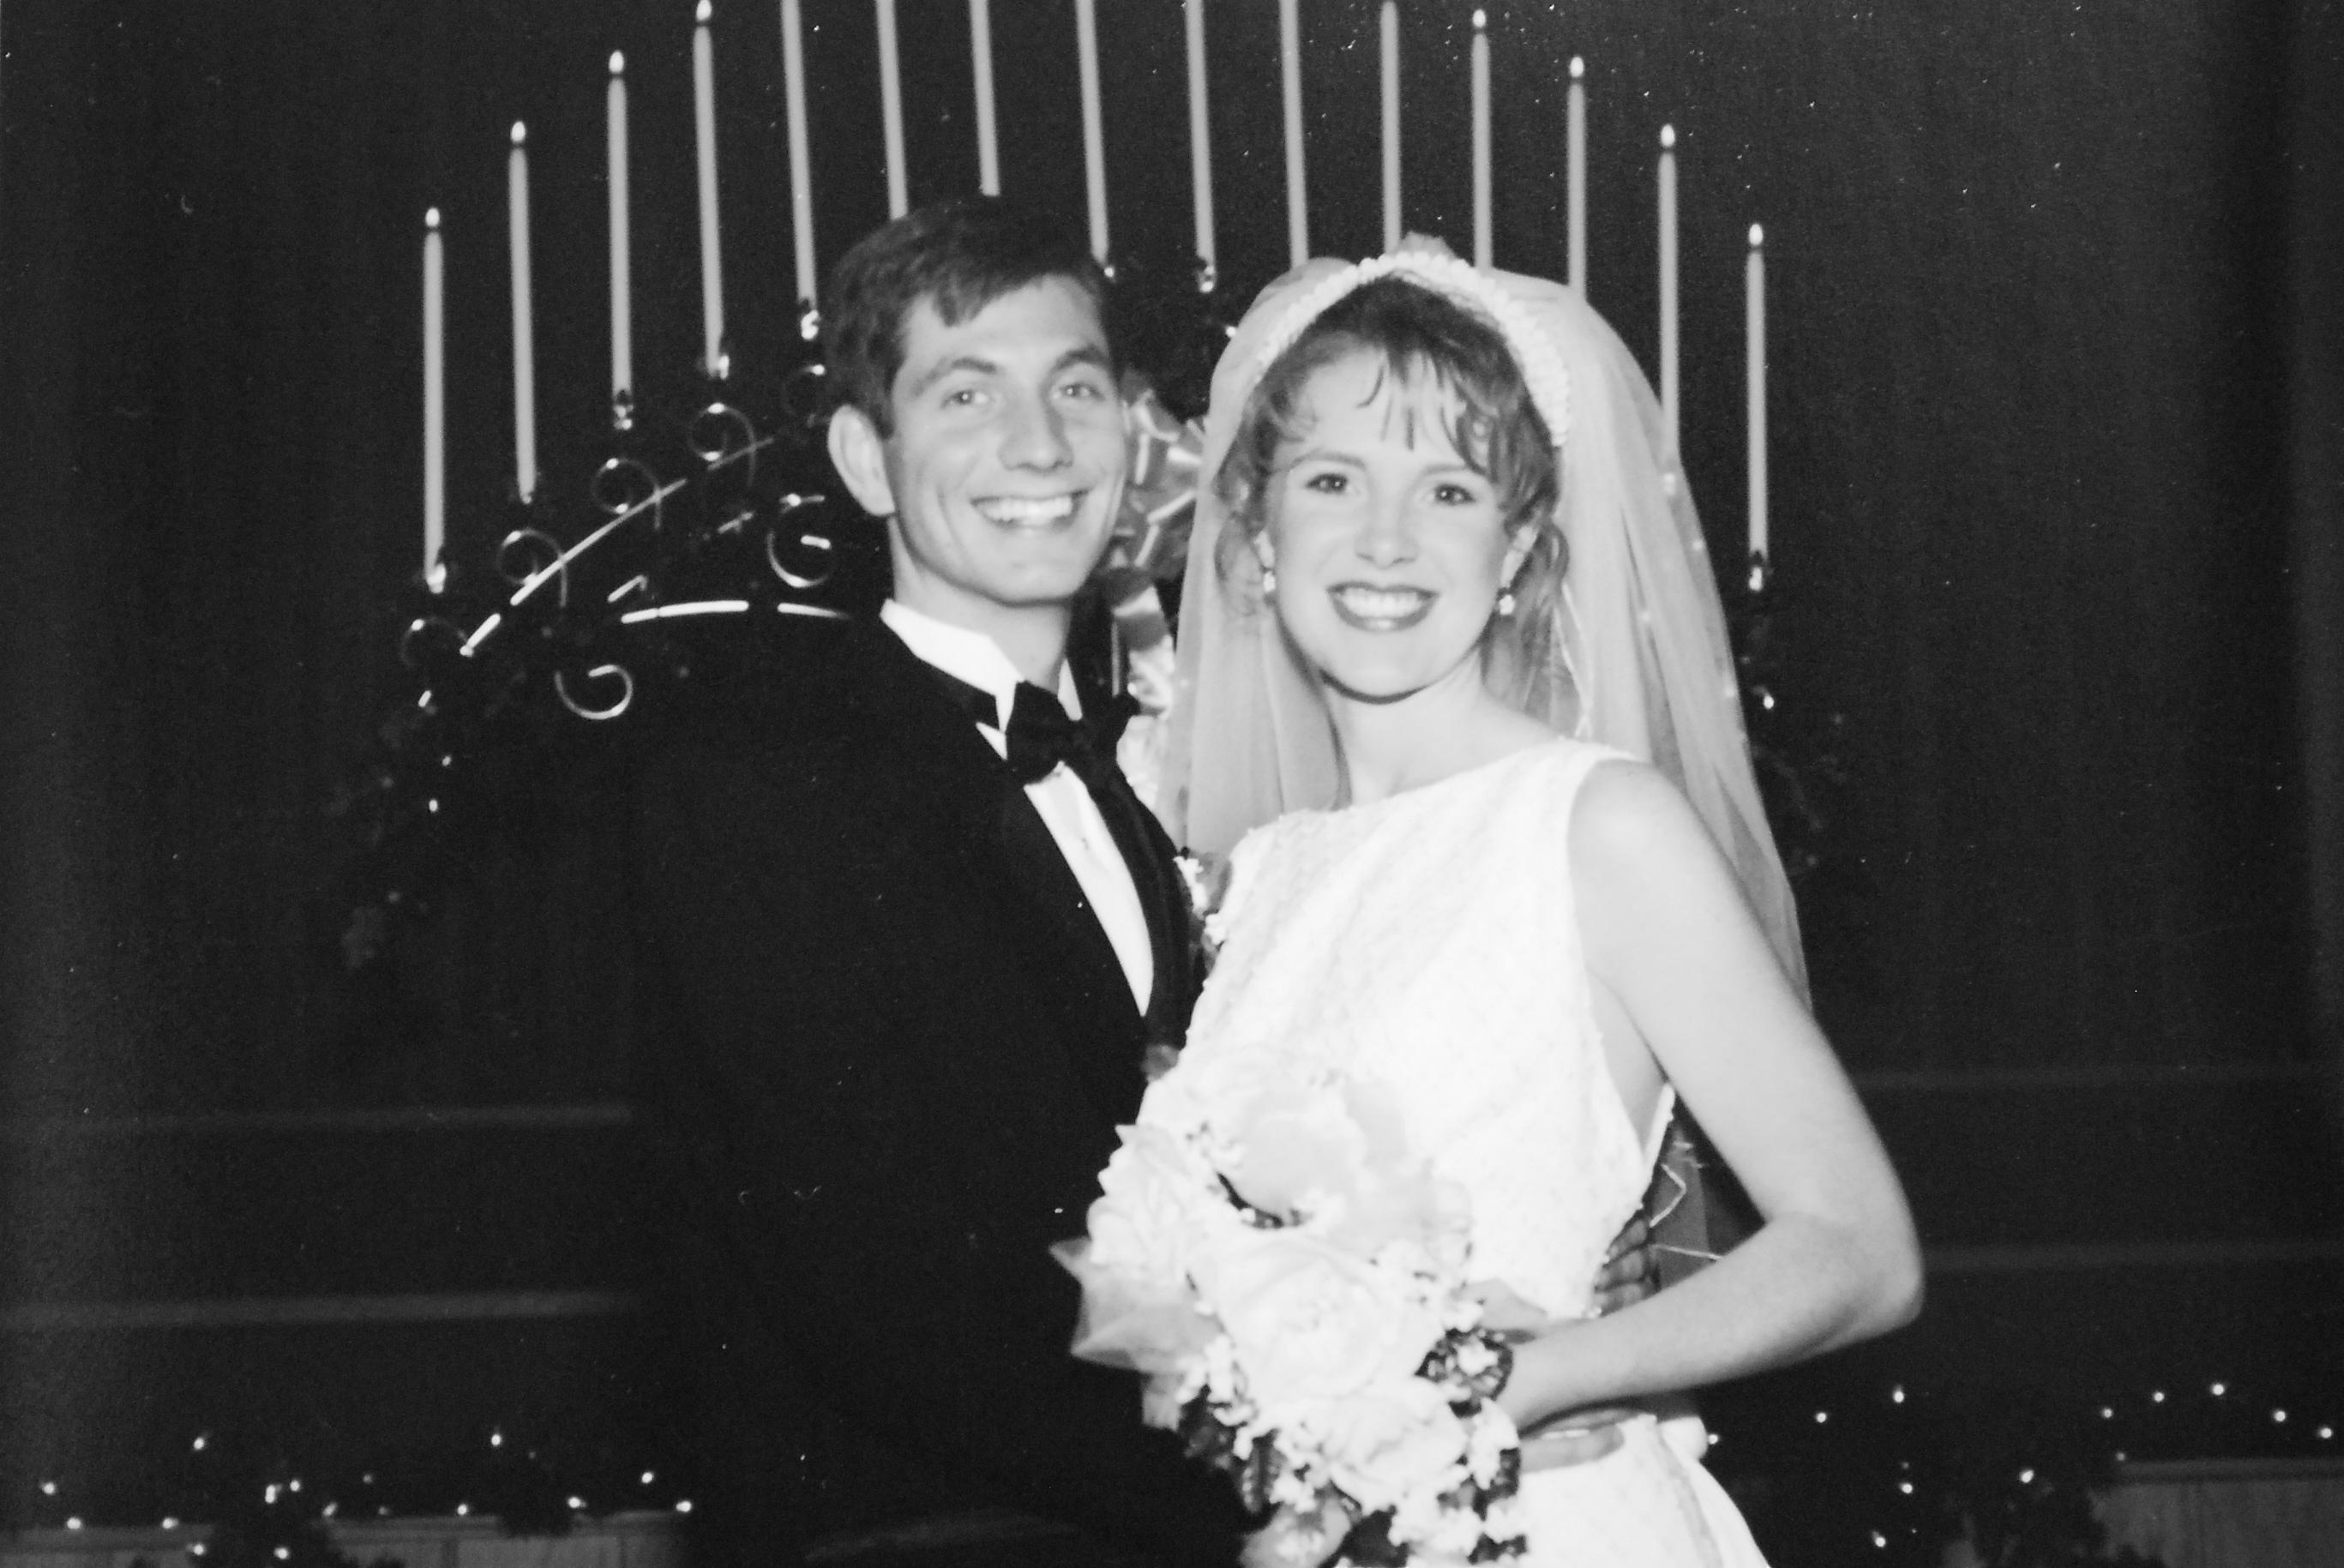 Pete and Brandi Wilson